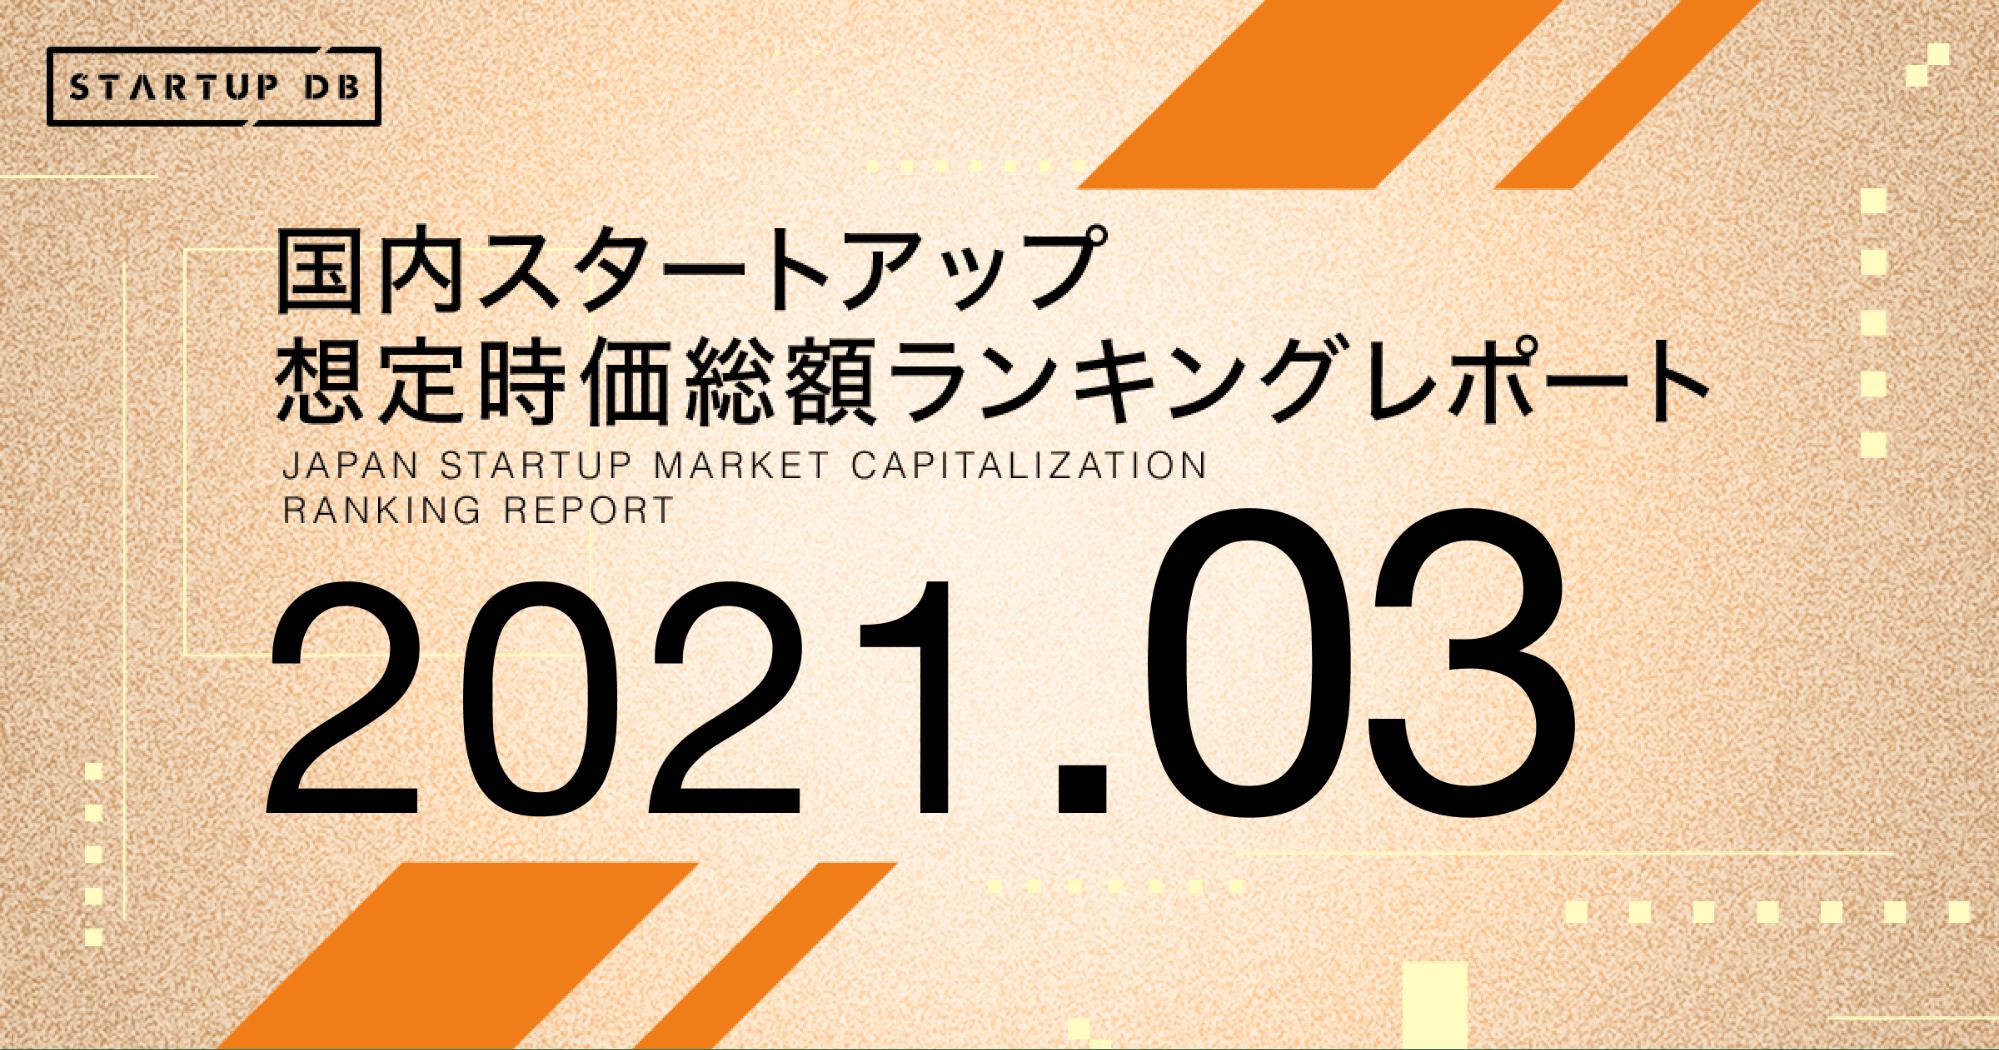 国内スタートアップ想定時価総額ランキング最新版(2021年3月)(リリース日:2021/03/10)